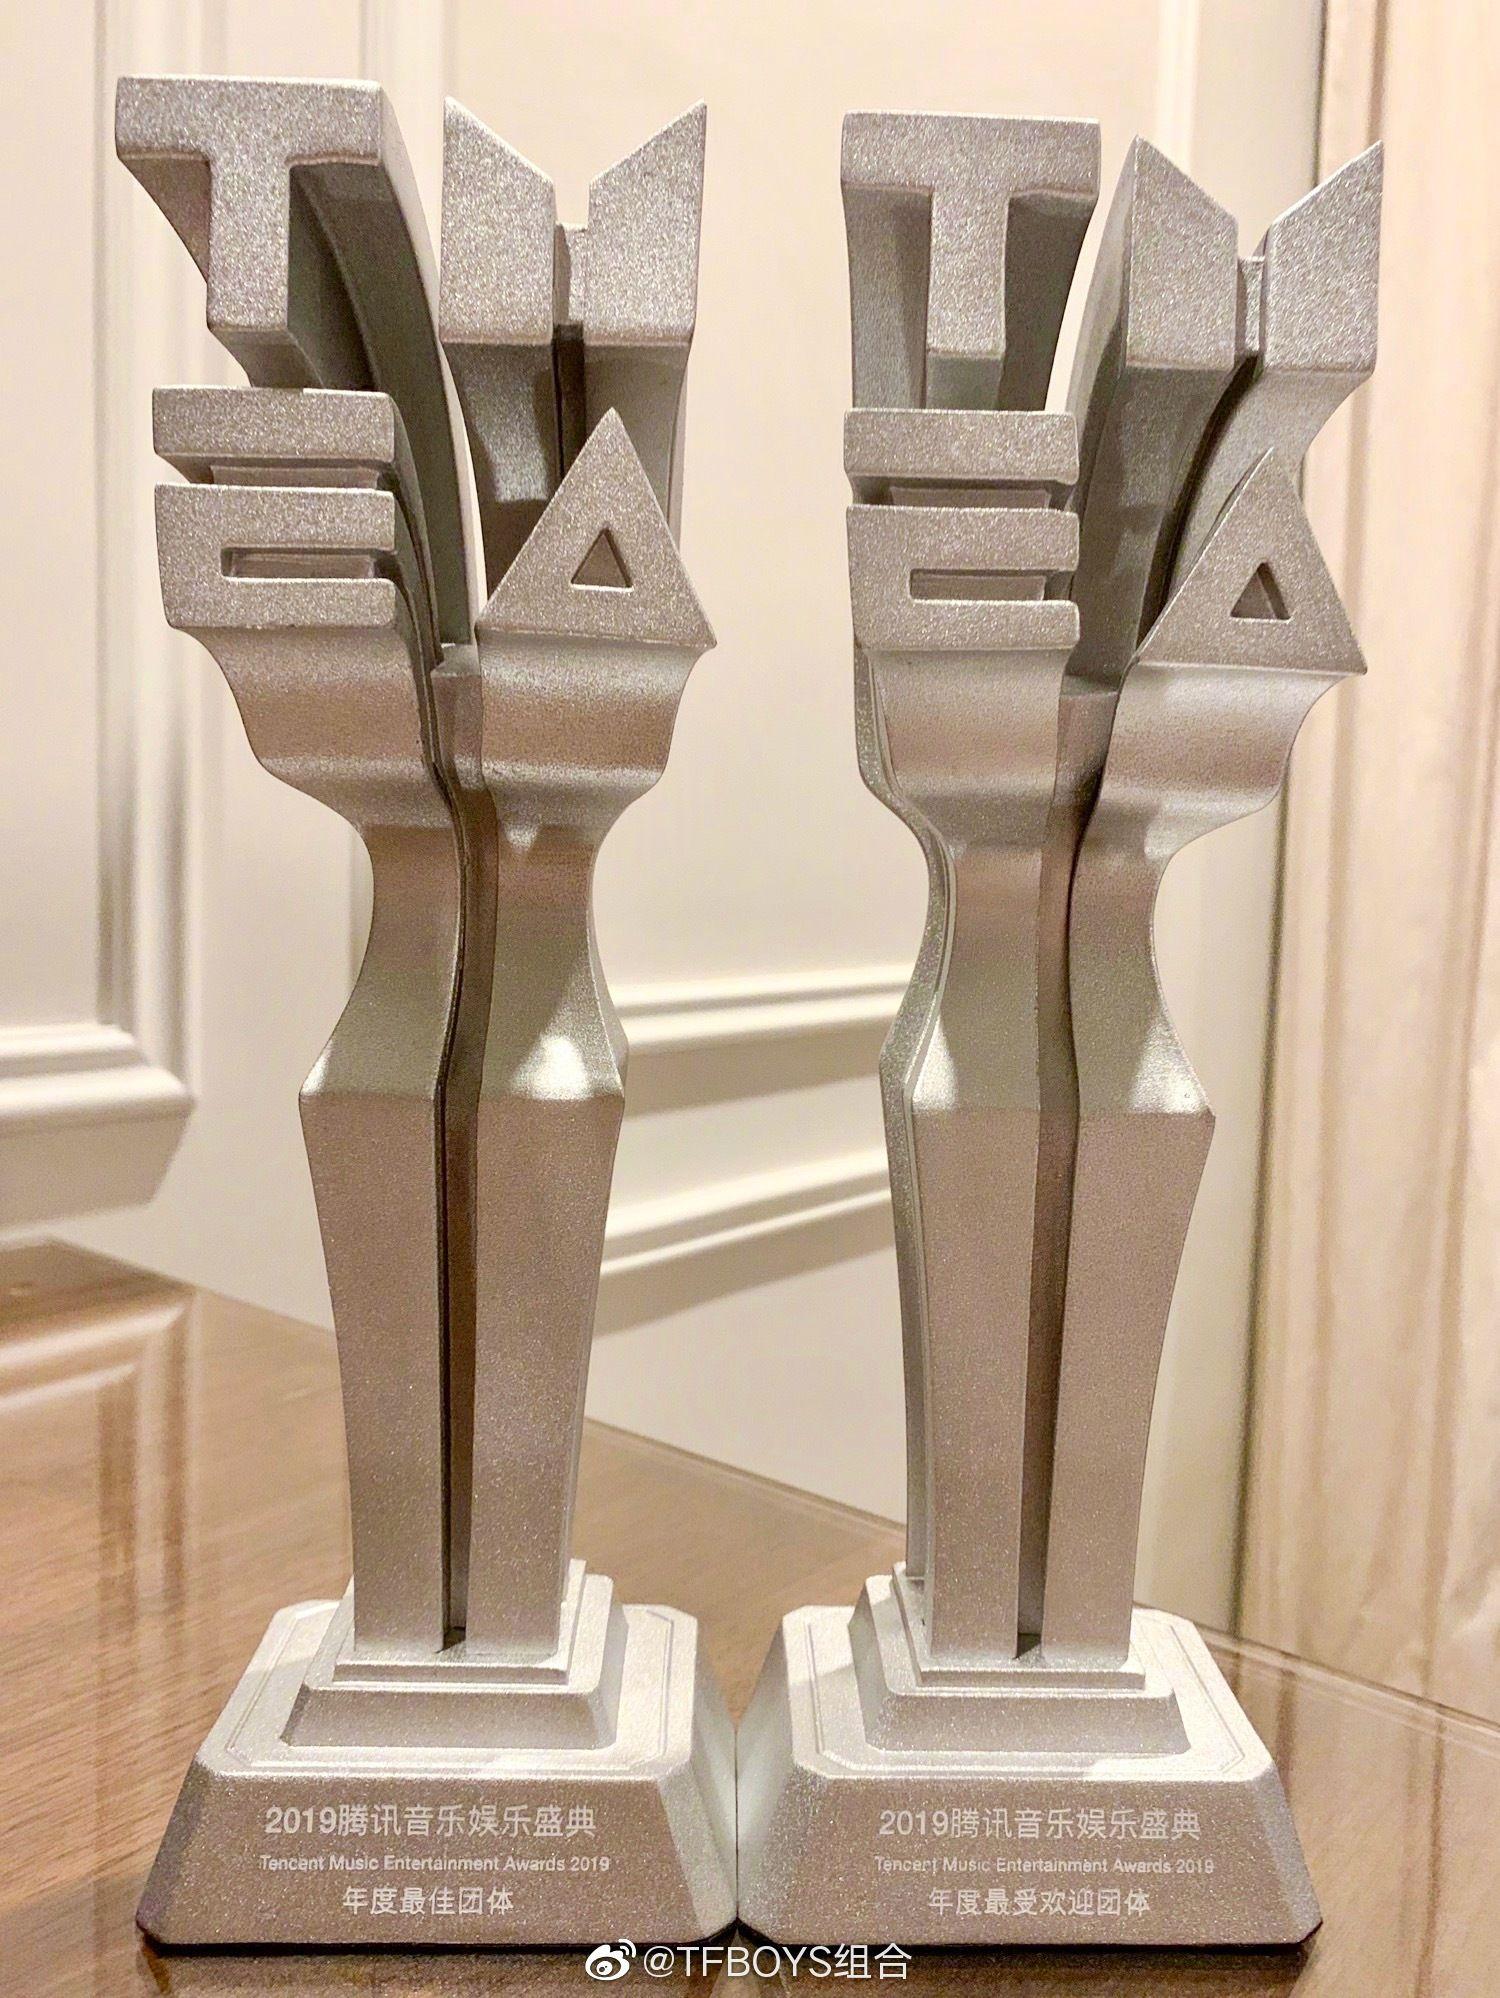 """TFBOYS收获音乐盛典两项荣誉,荣获""""年度最佳团体""""""""年度最受欢迎团体""""称号"""